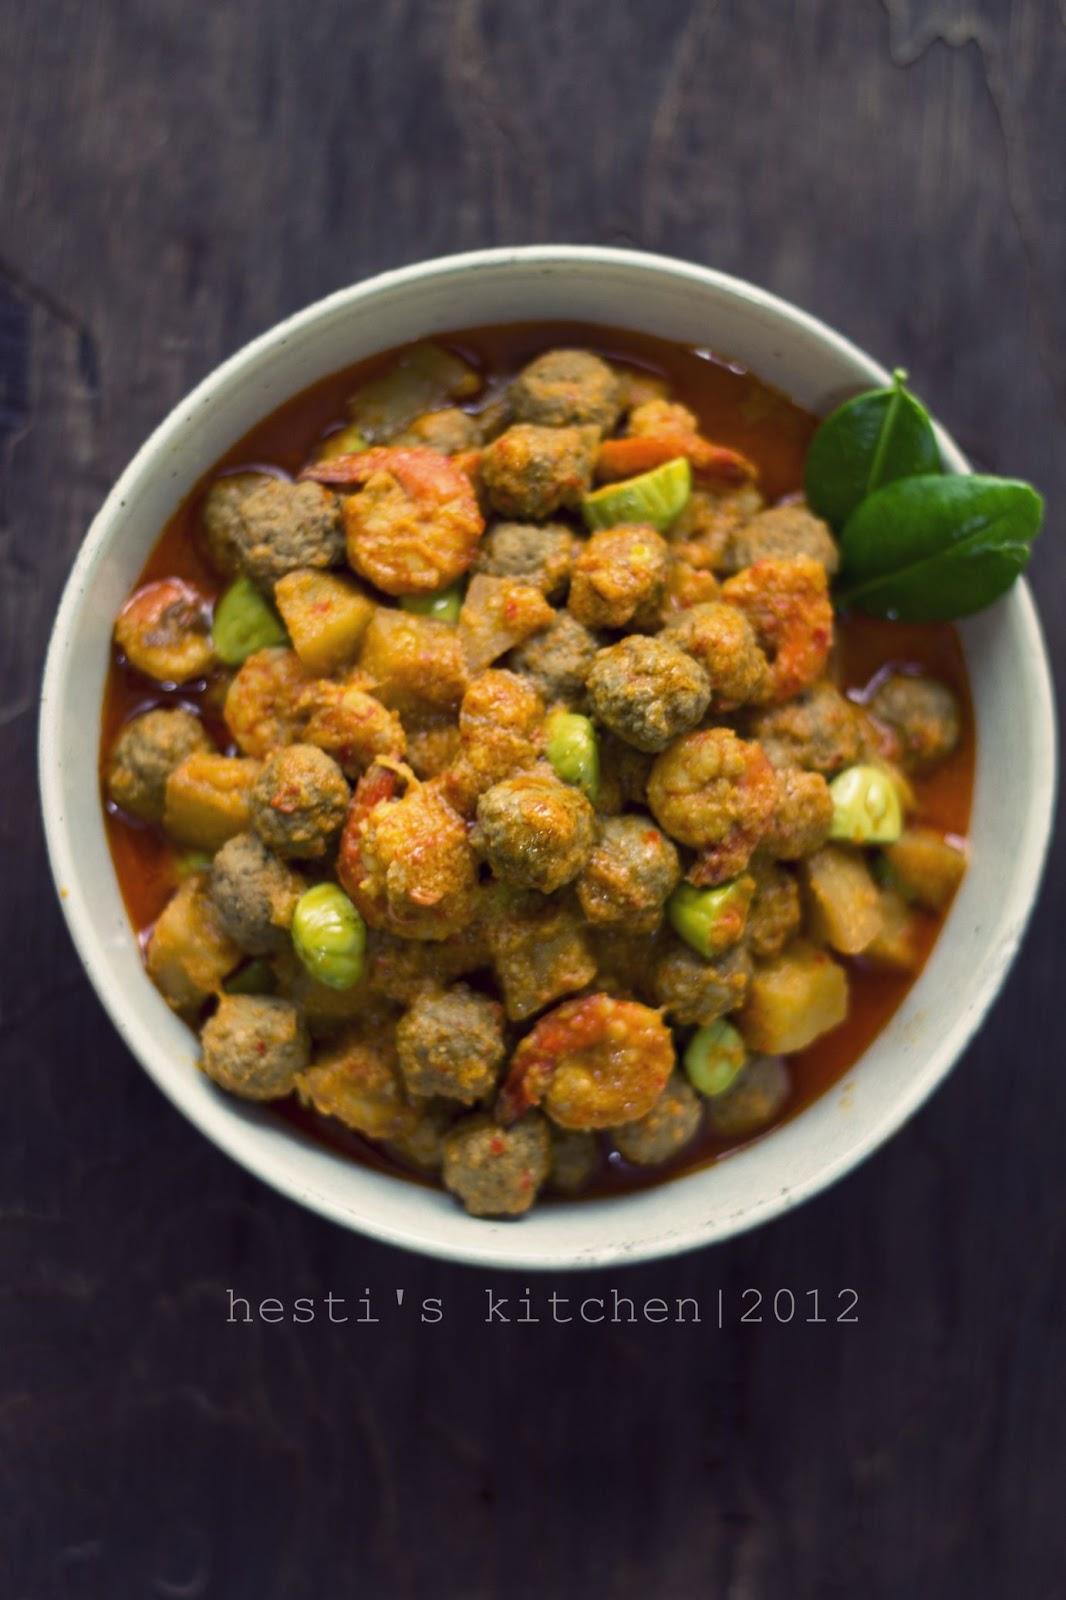 Resep Sambal Goreng Daging : resep, sambal, goreng, daging, HESTI'S, KITCHEN, Yummy, Tummy:, Sambel, Goreng, Printil